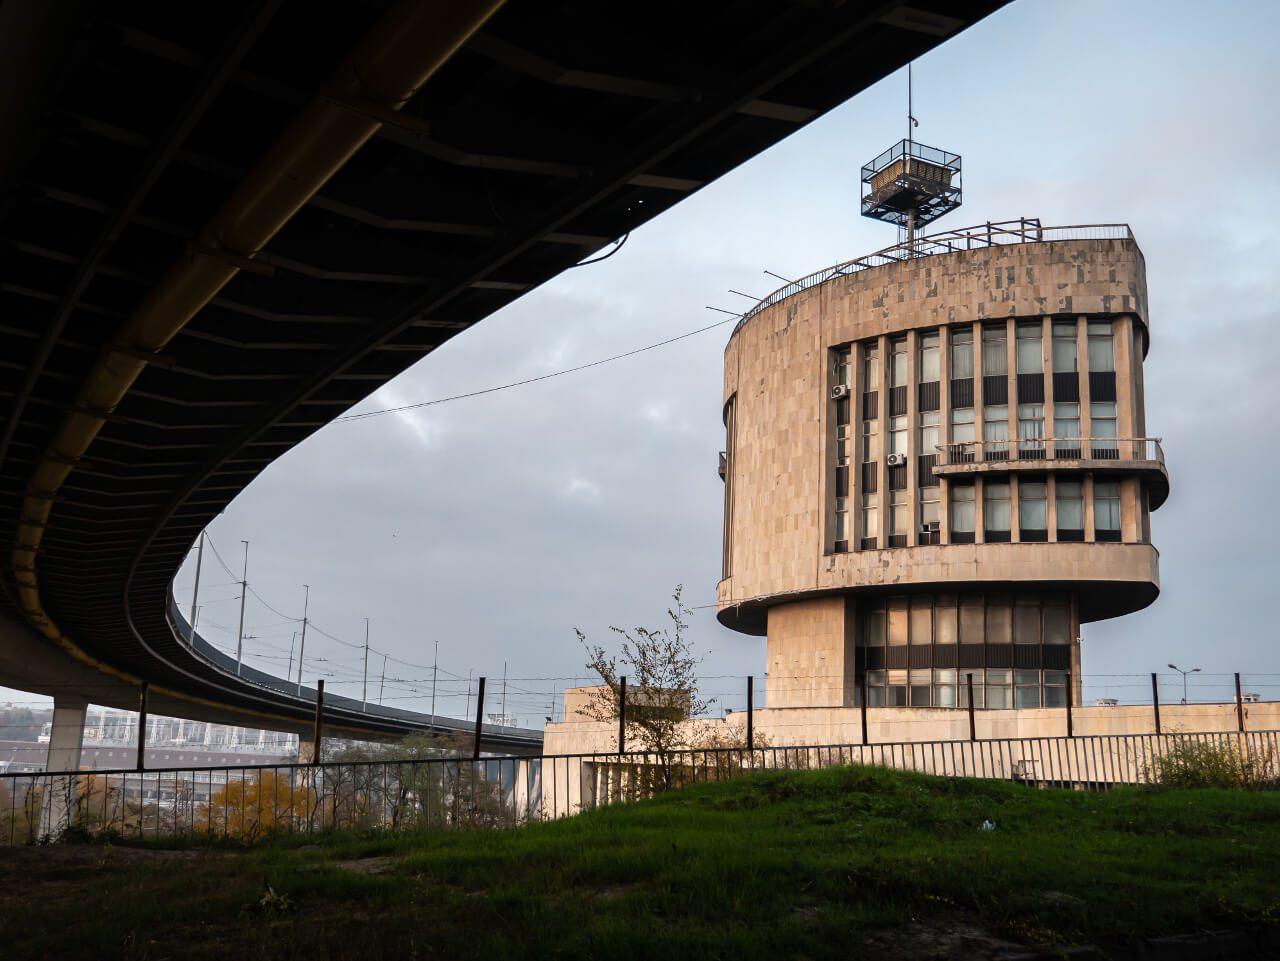 Elektrownia wodna Zaporoże